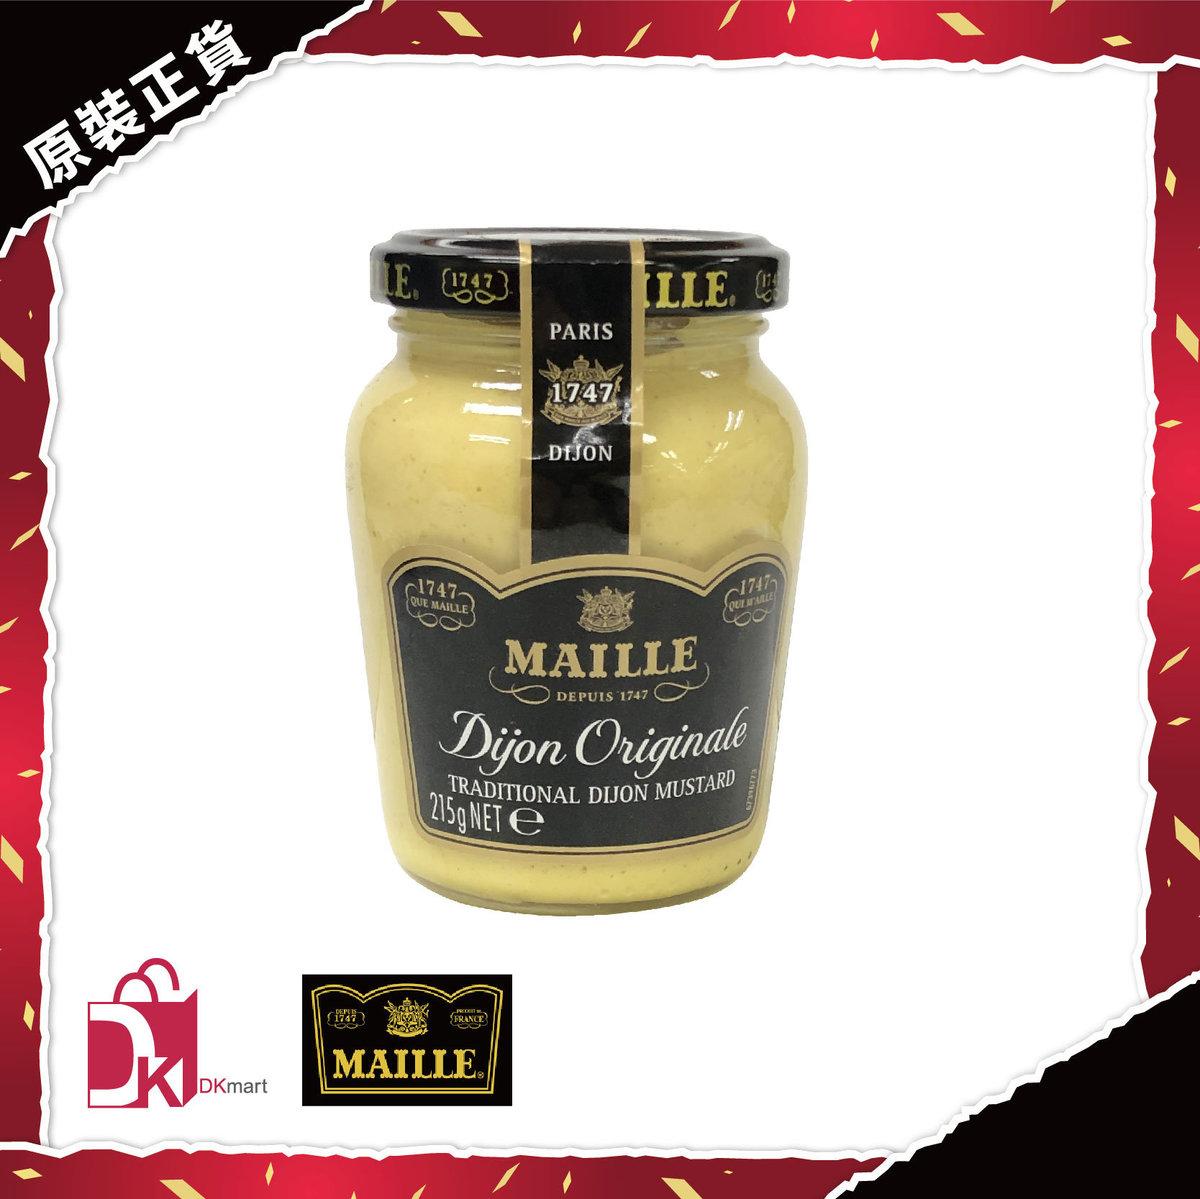 Dijon Mustard 215g (Original)